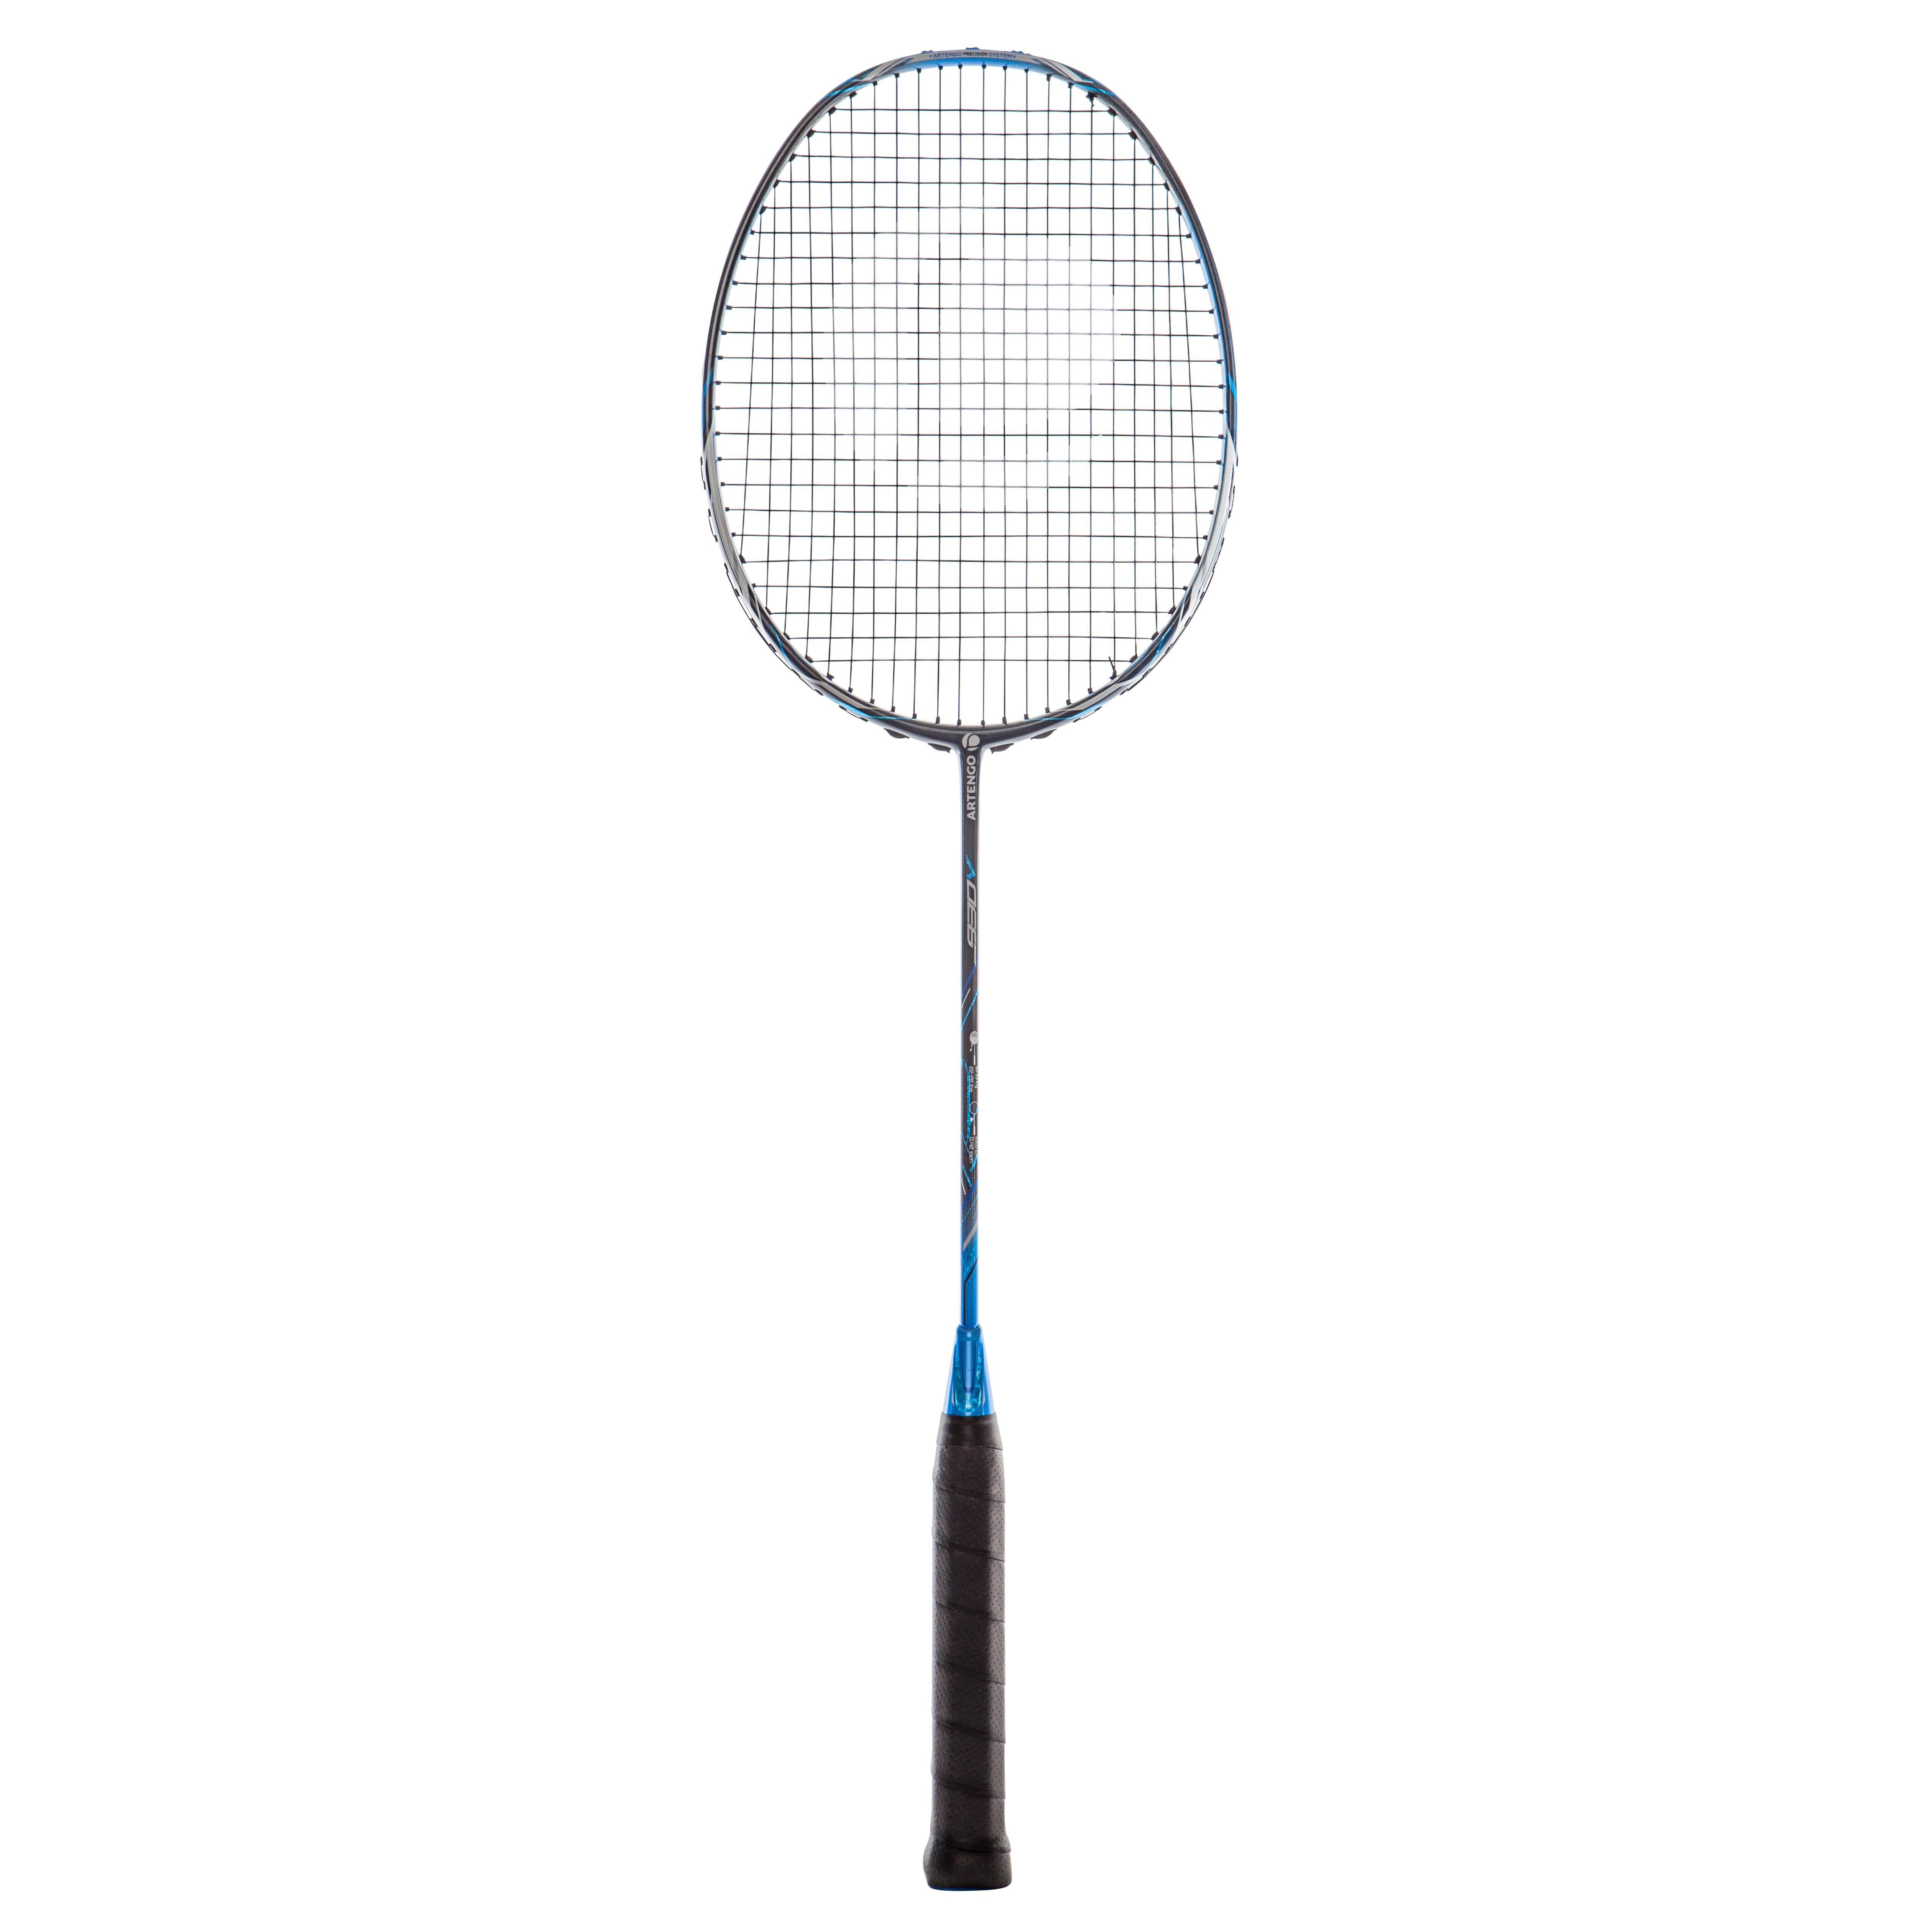 BR 930 V Adult's Badminton Racket - Blue